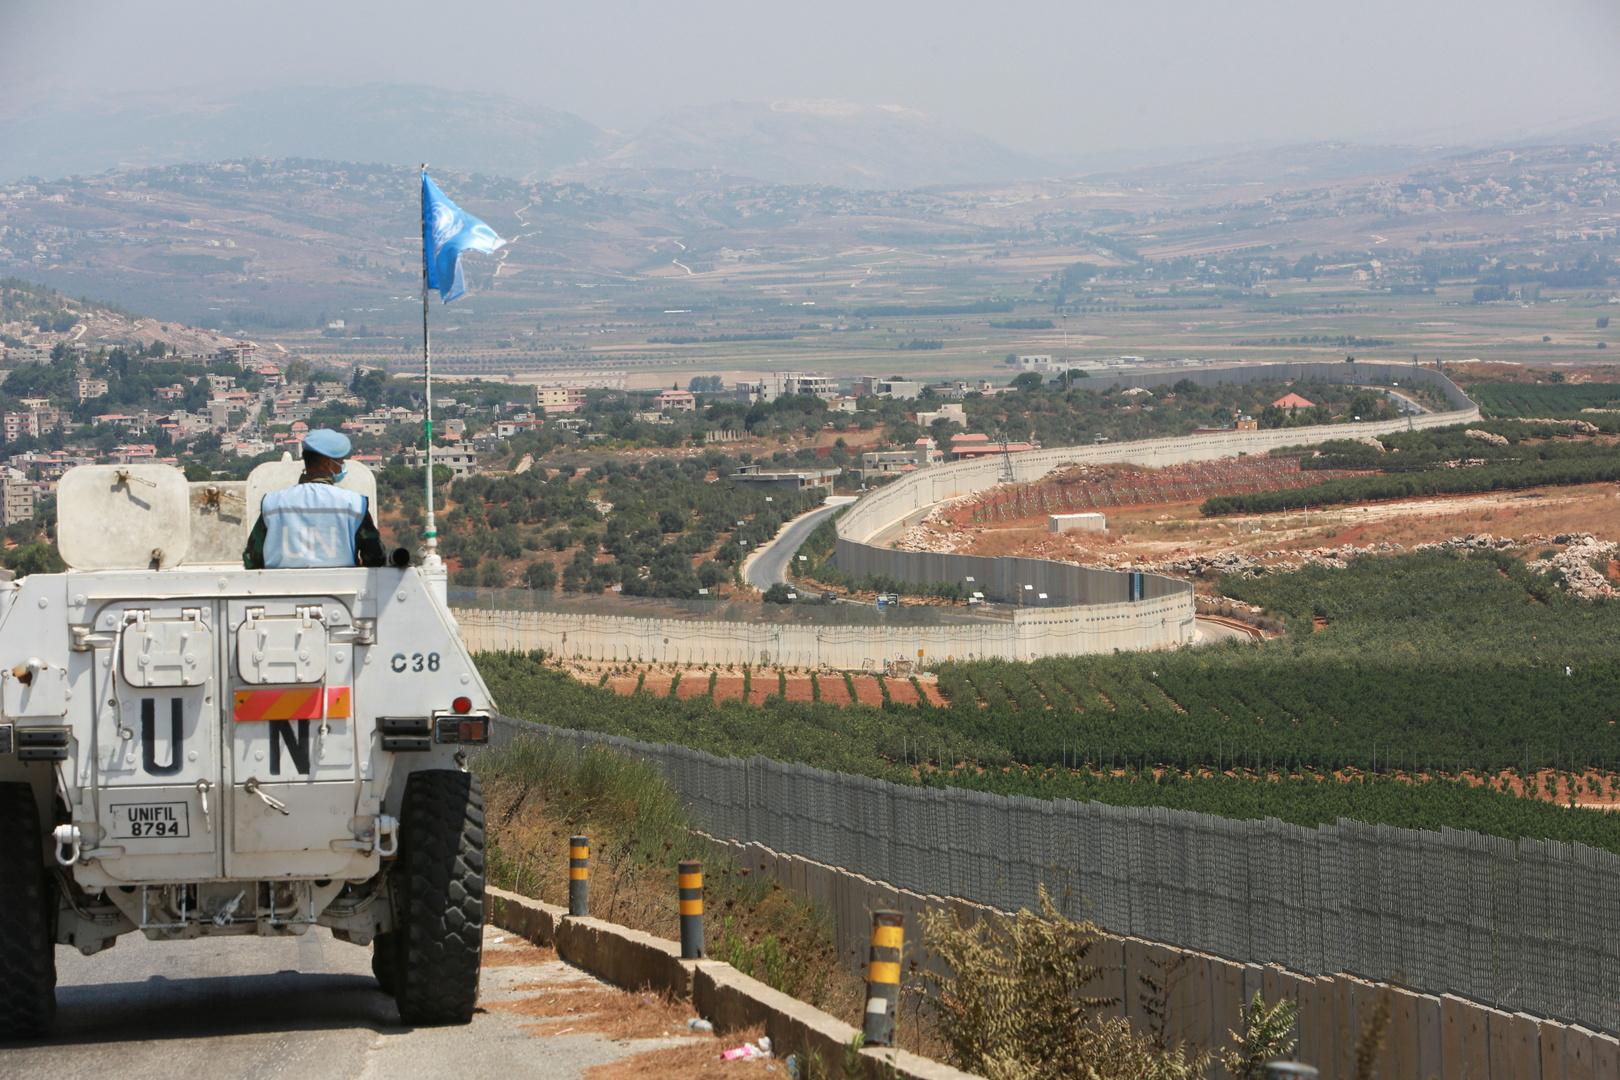 اليونيفيل: التحليق الإسرائيلي فوق لبنان خرق للقرار 1701